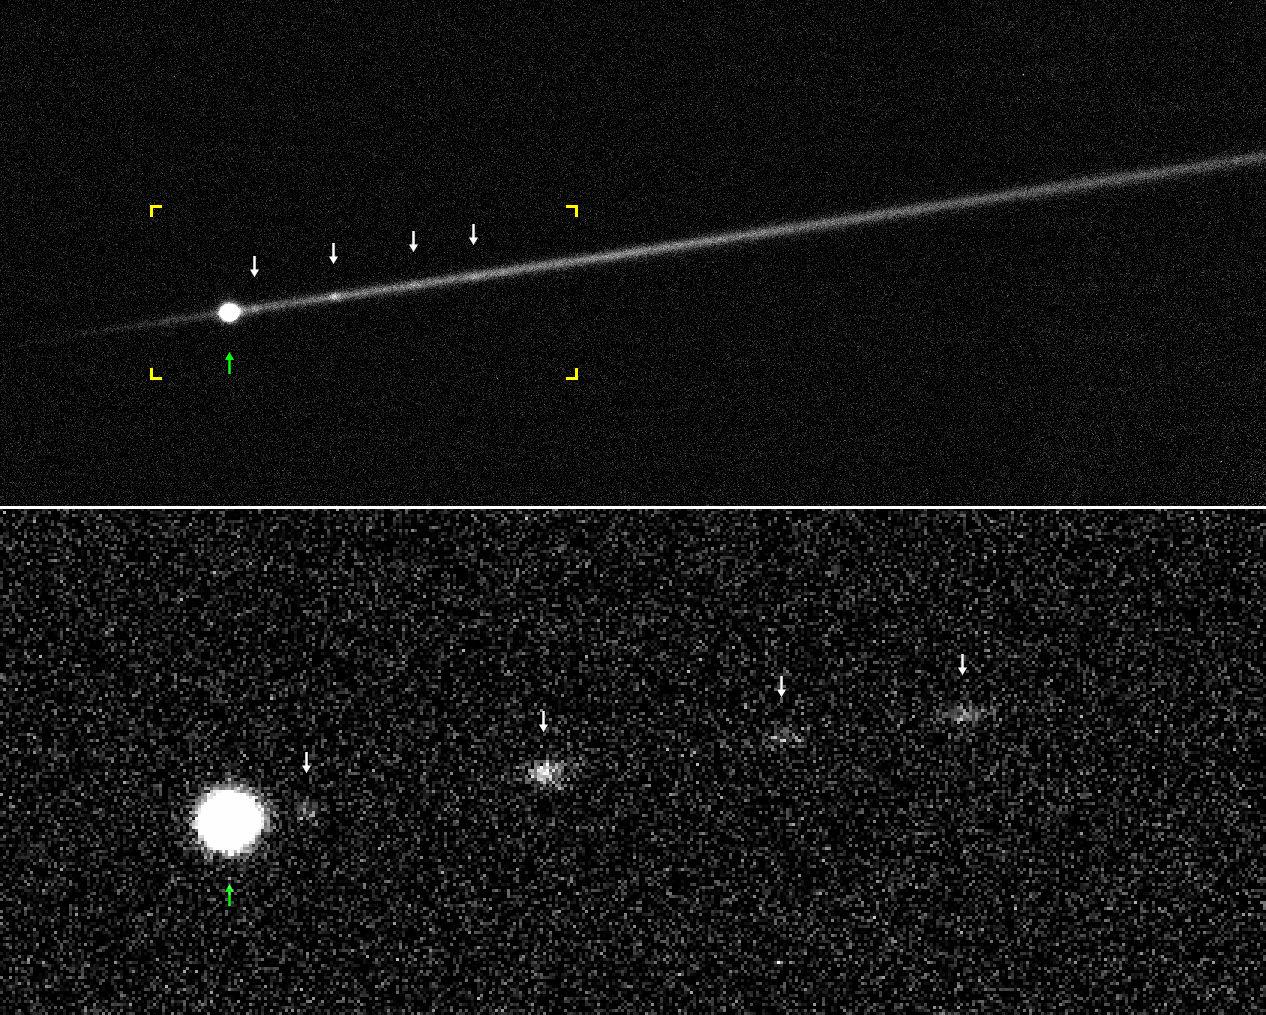 Необычный астероид разрывается на части от быстрого вращения